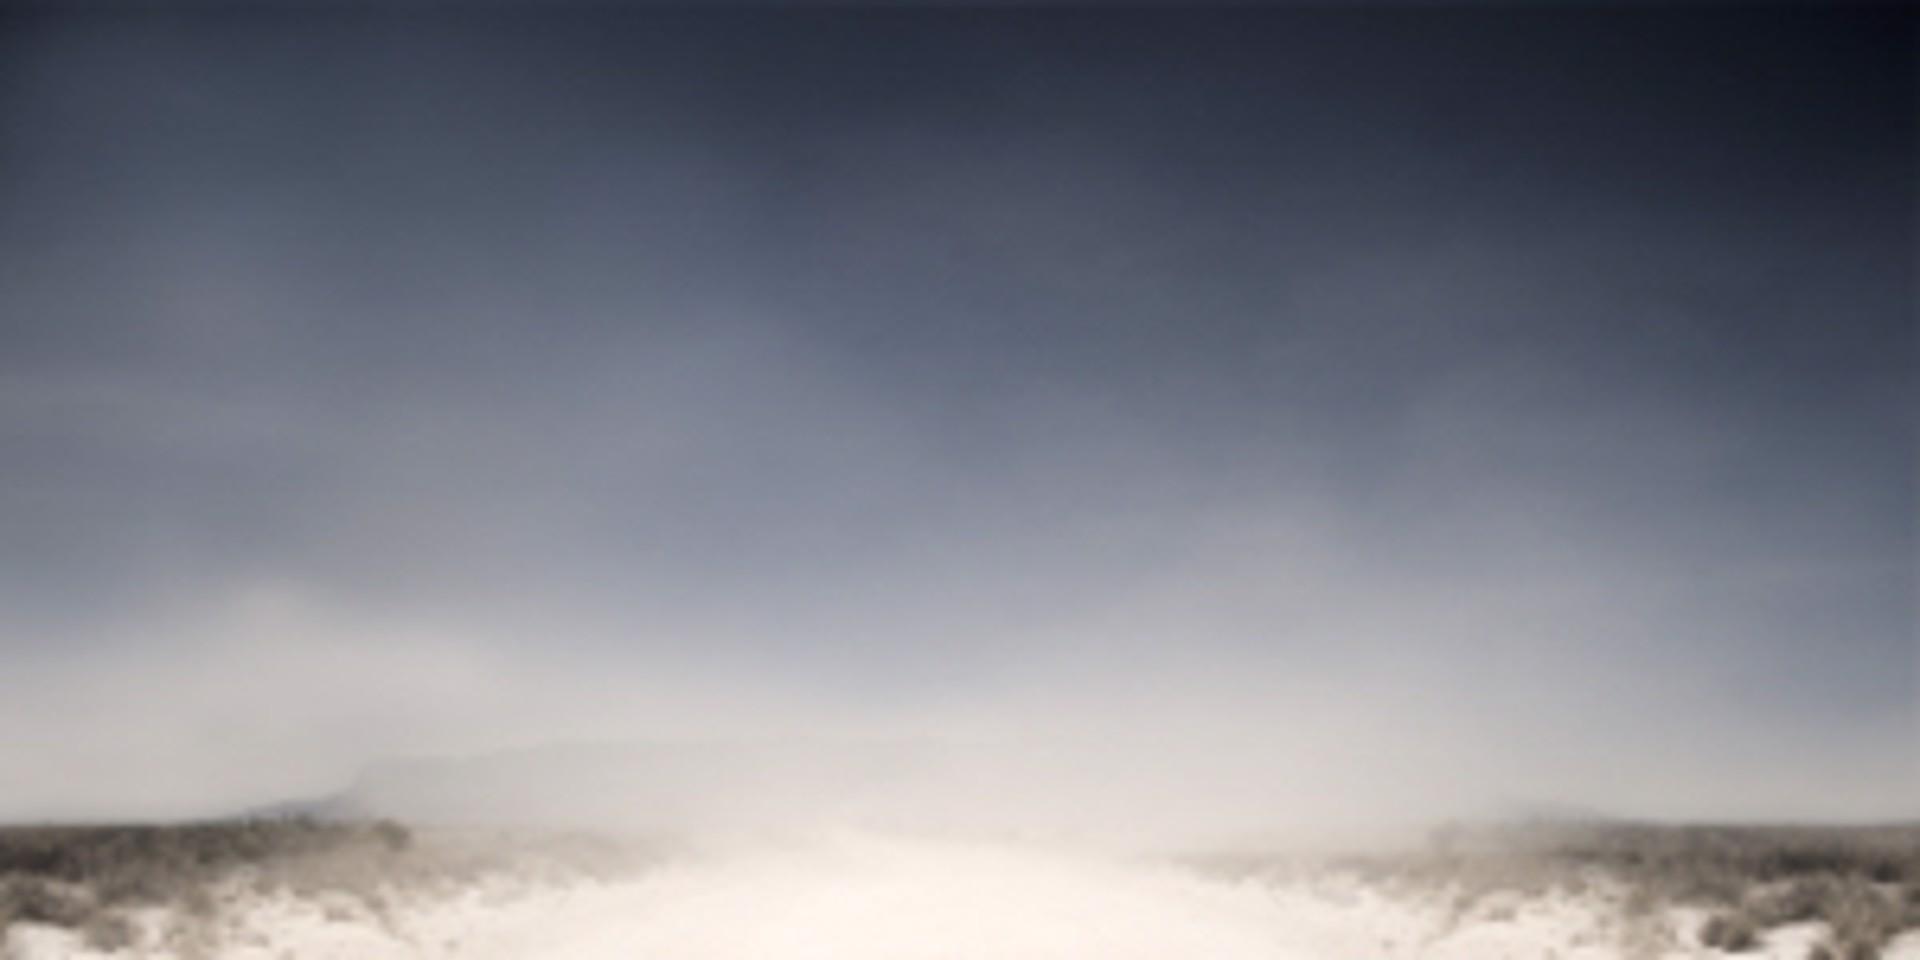 Gypsum by E. Dan Klepper